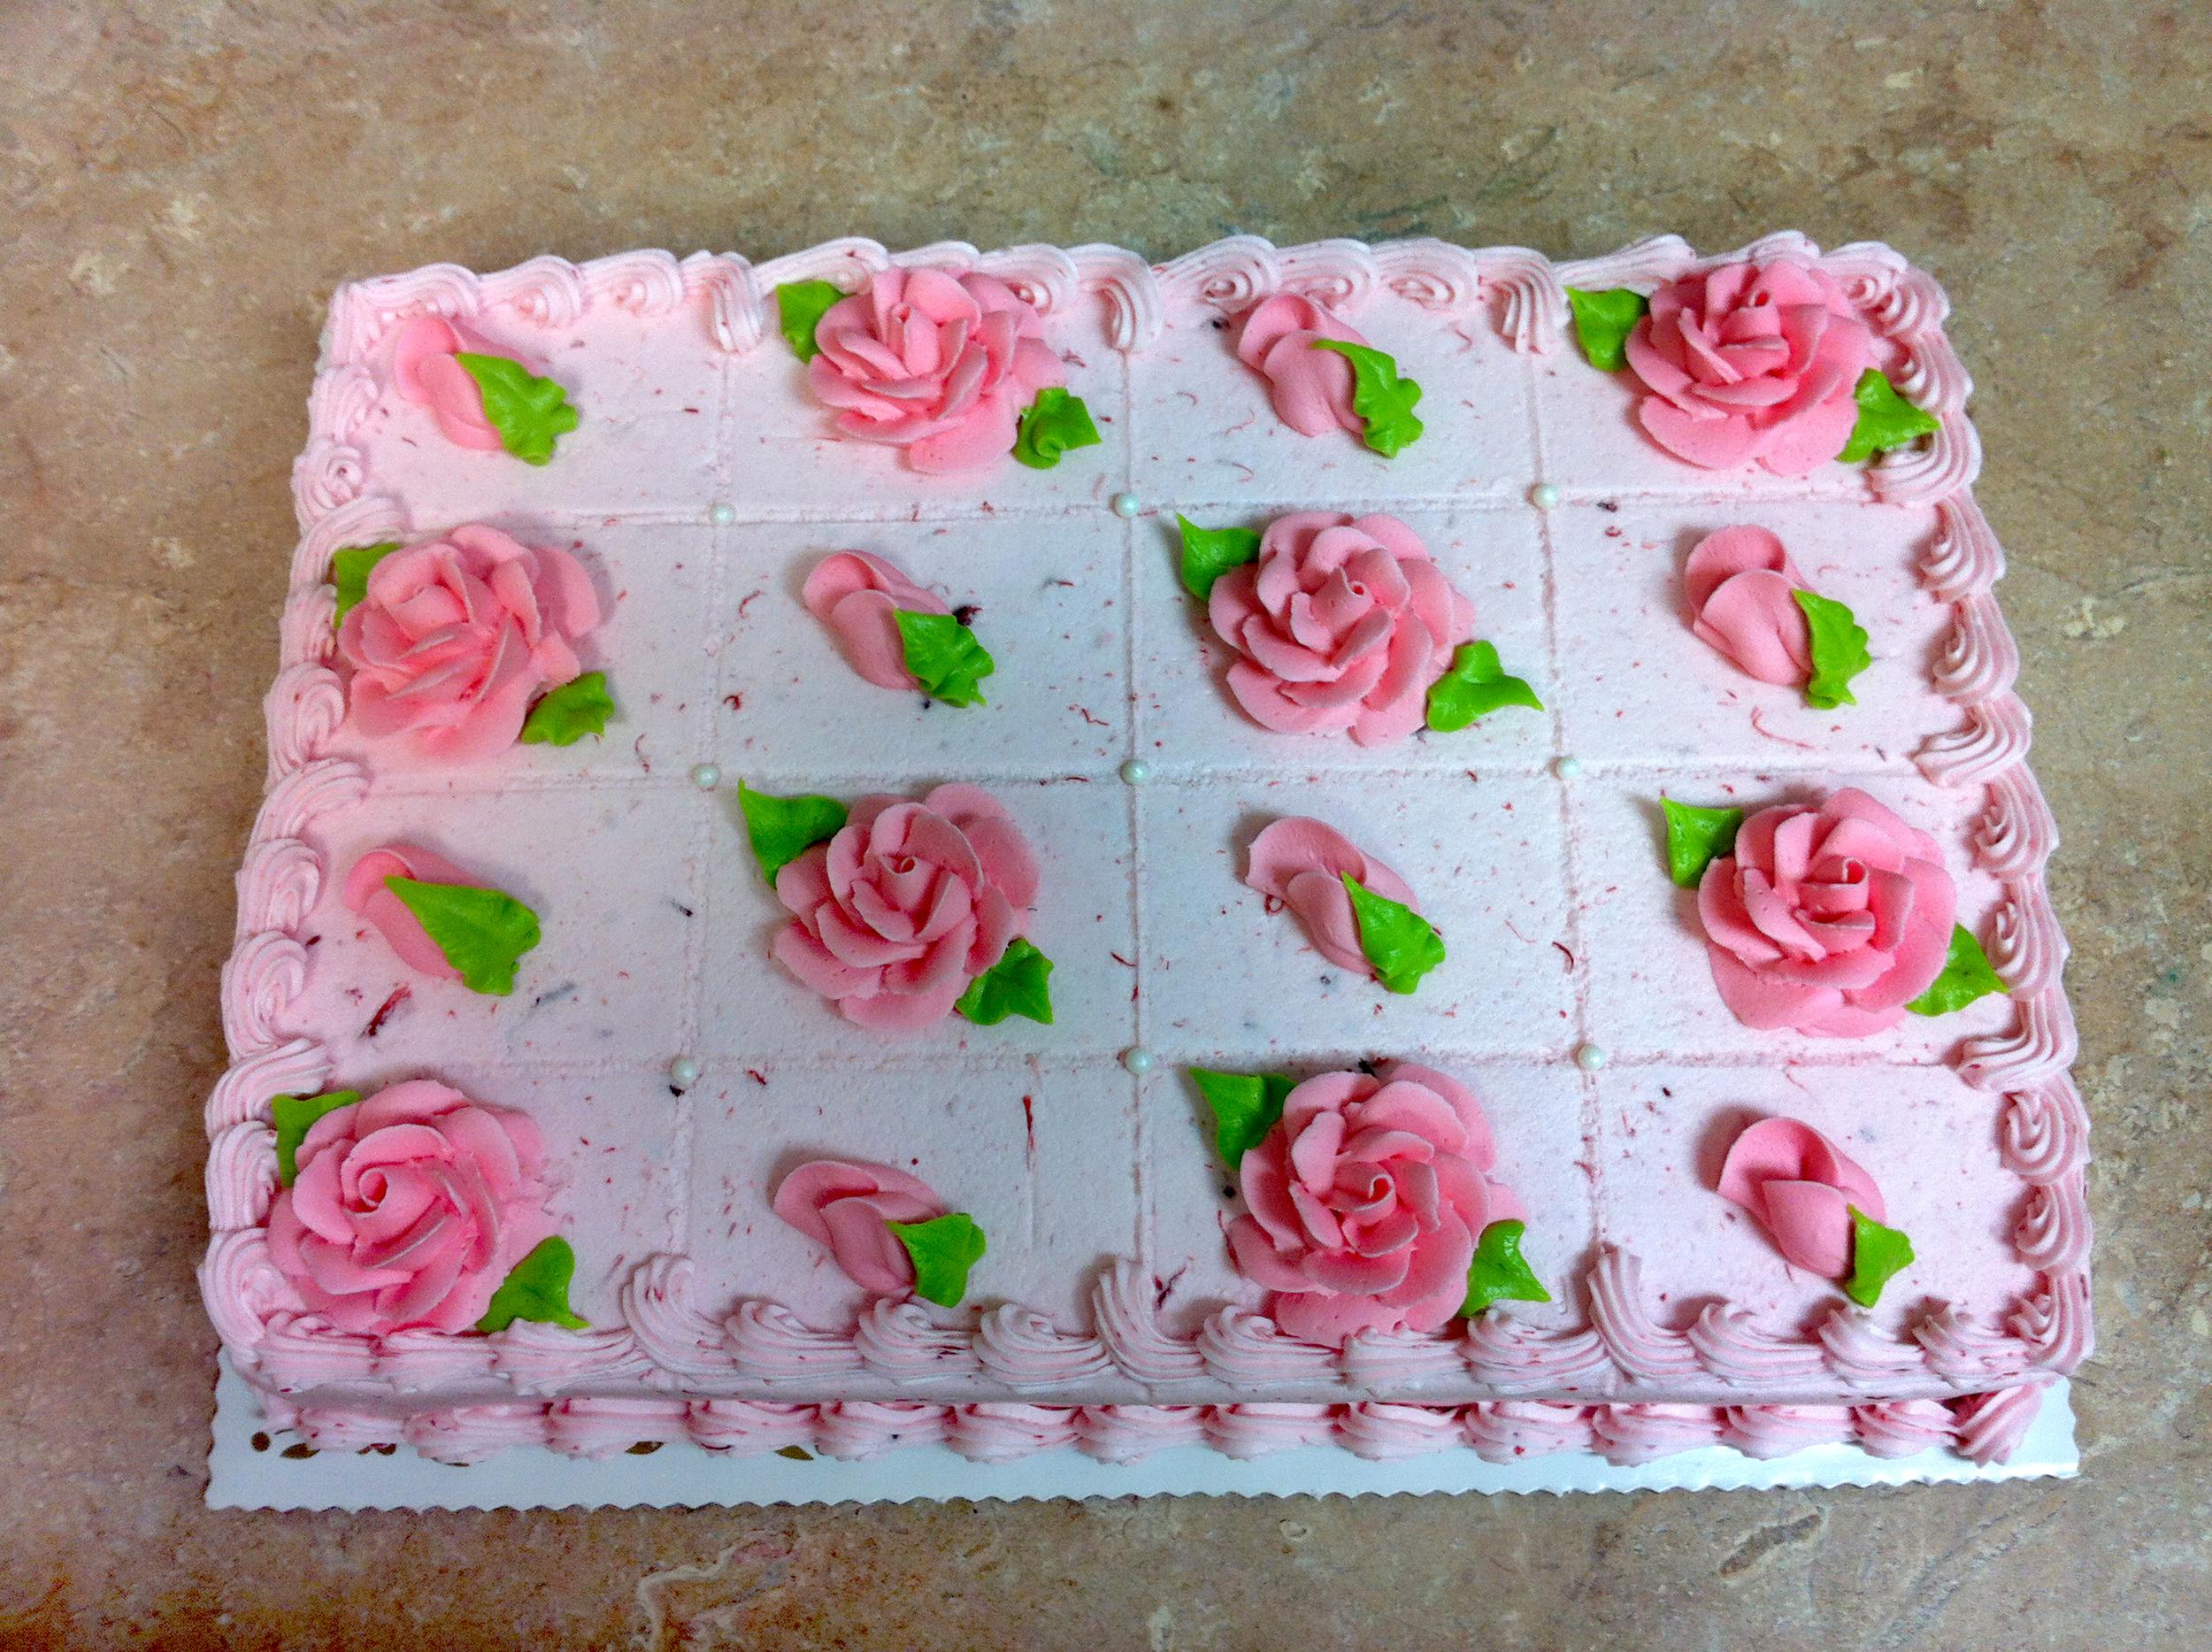 Roses & Rosebuds, Scored